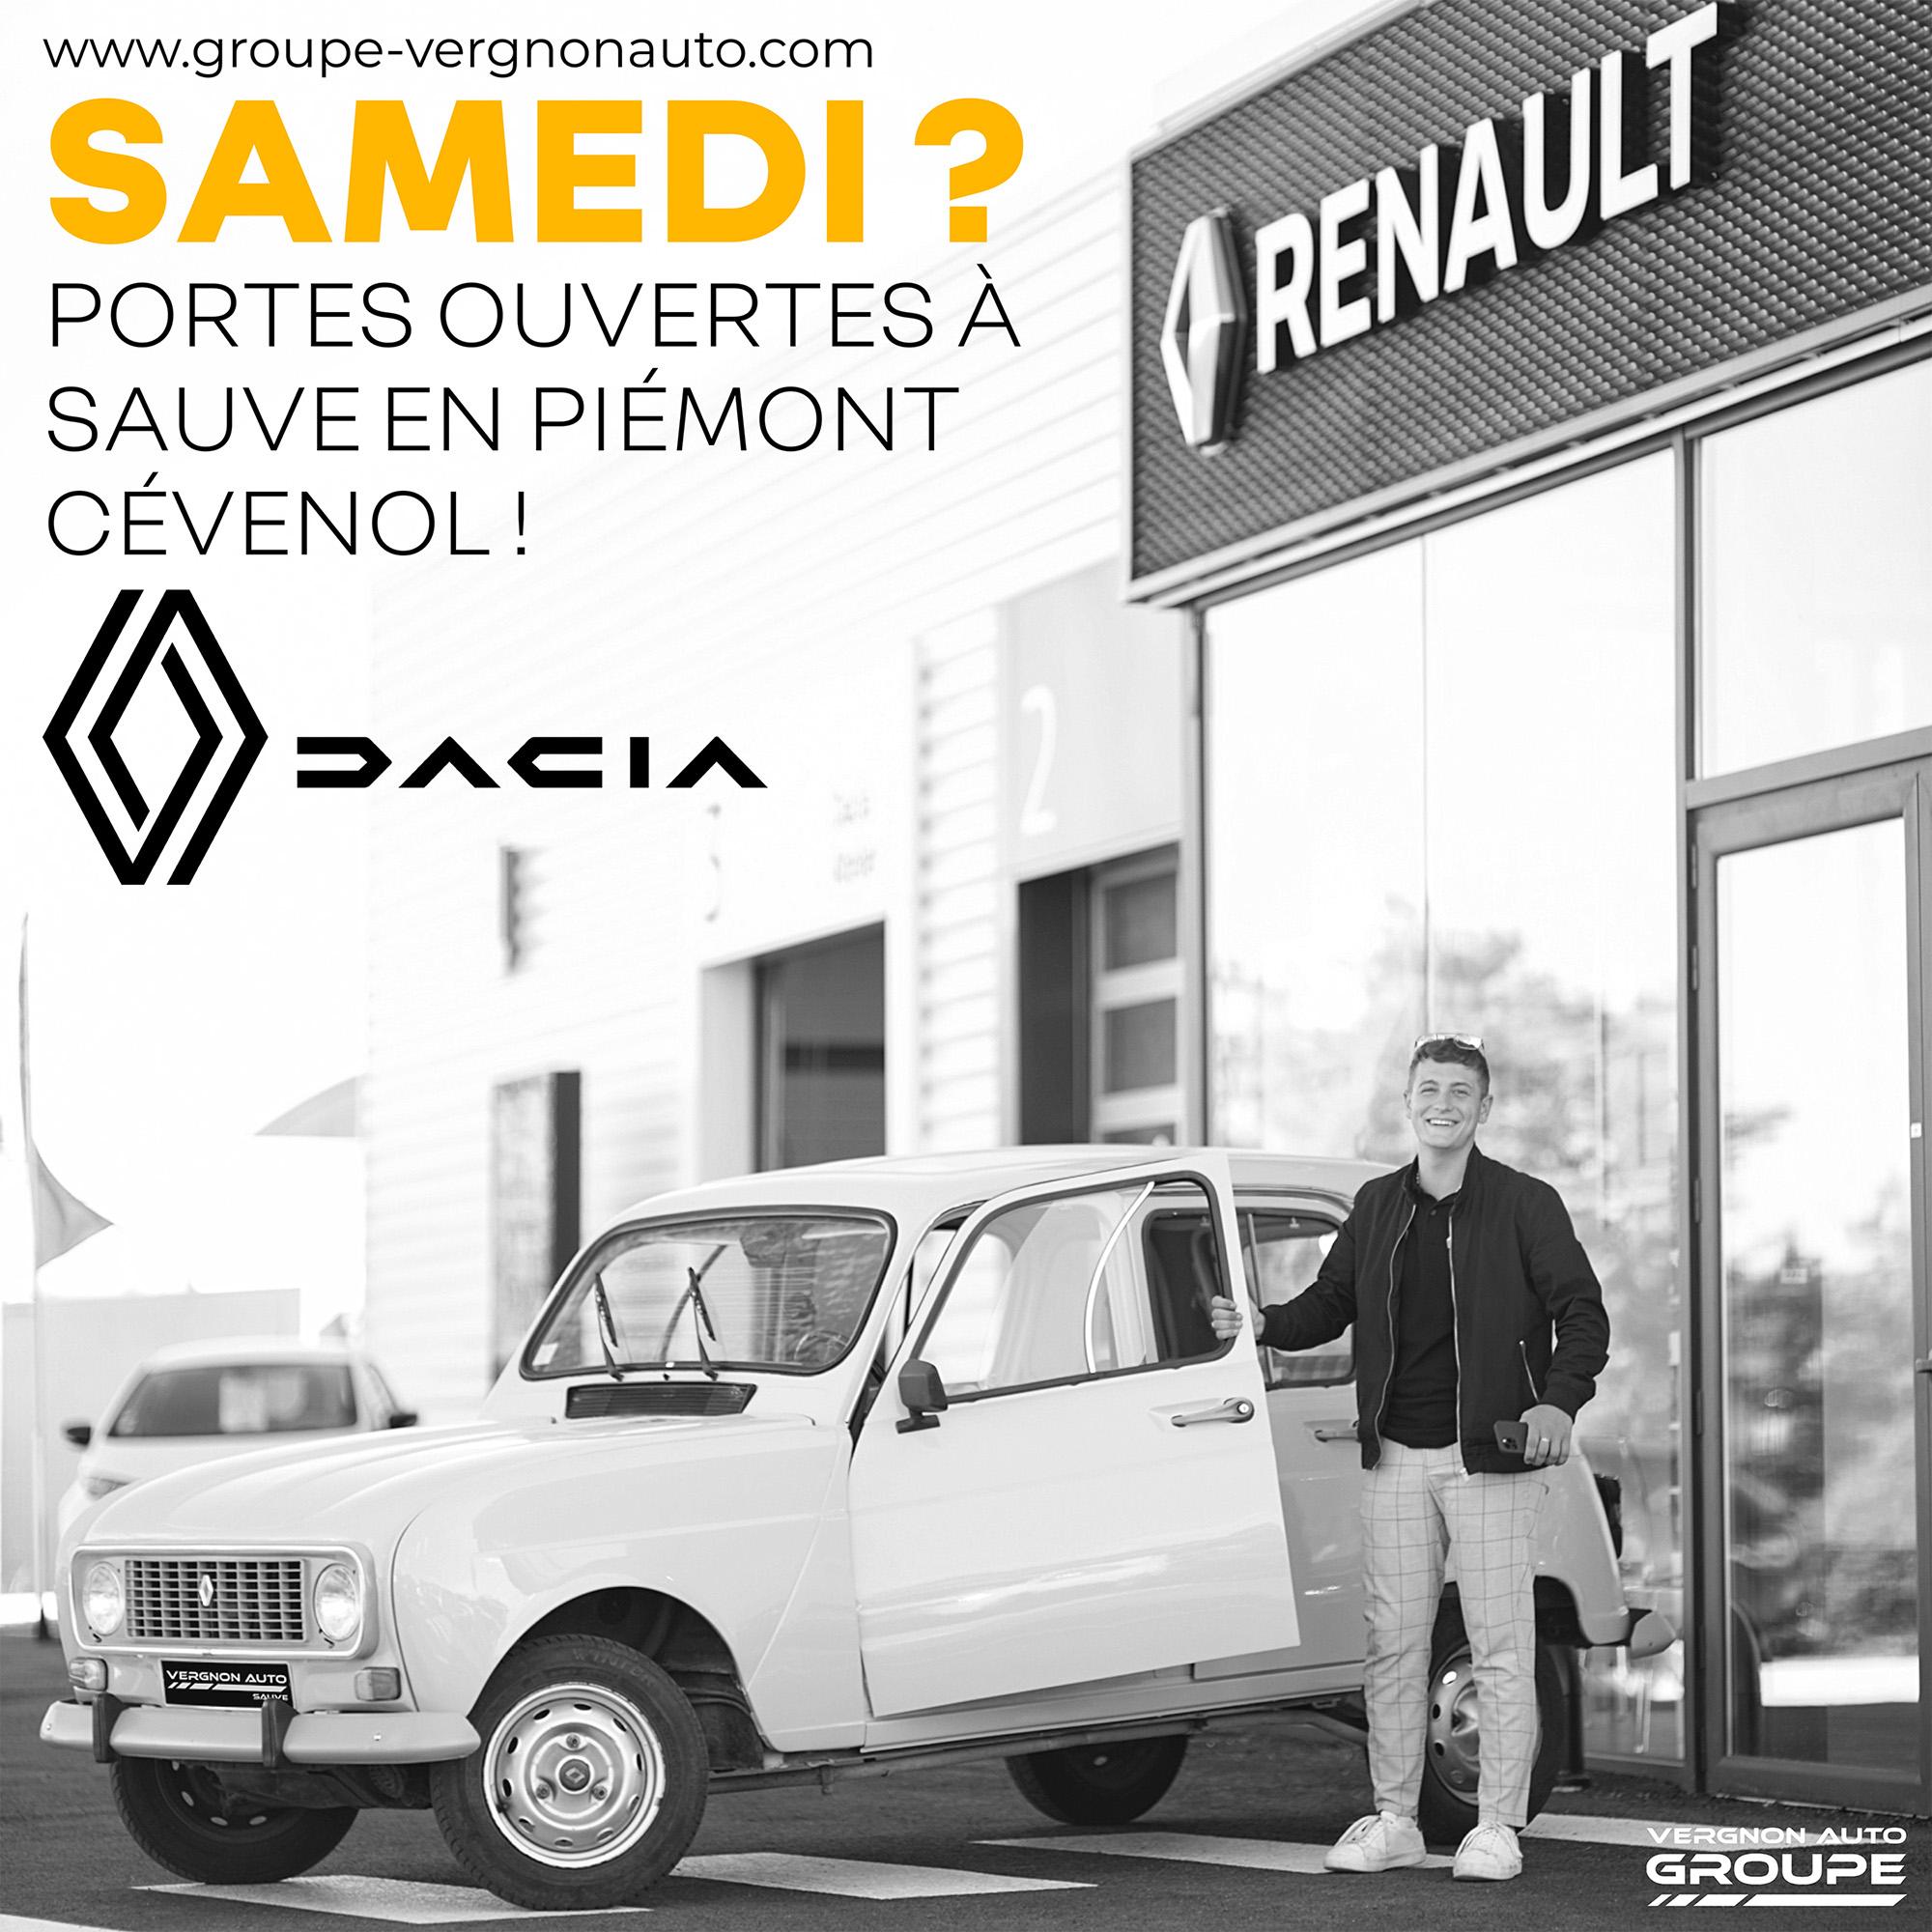 Portes ouvertes Renault-Dacia Sauve Gard